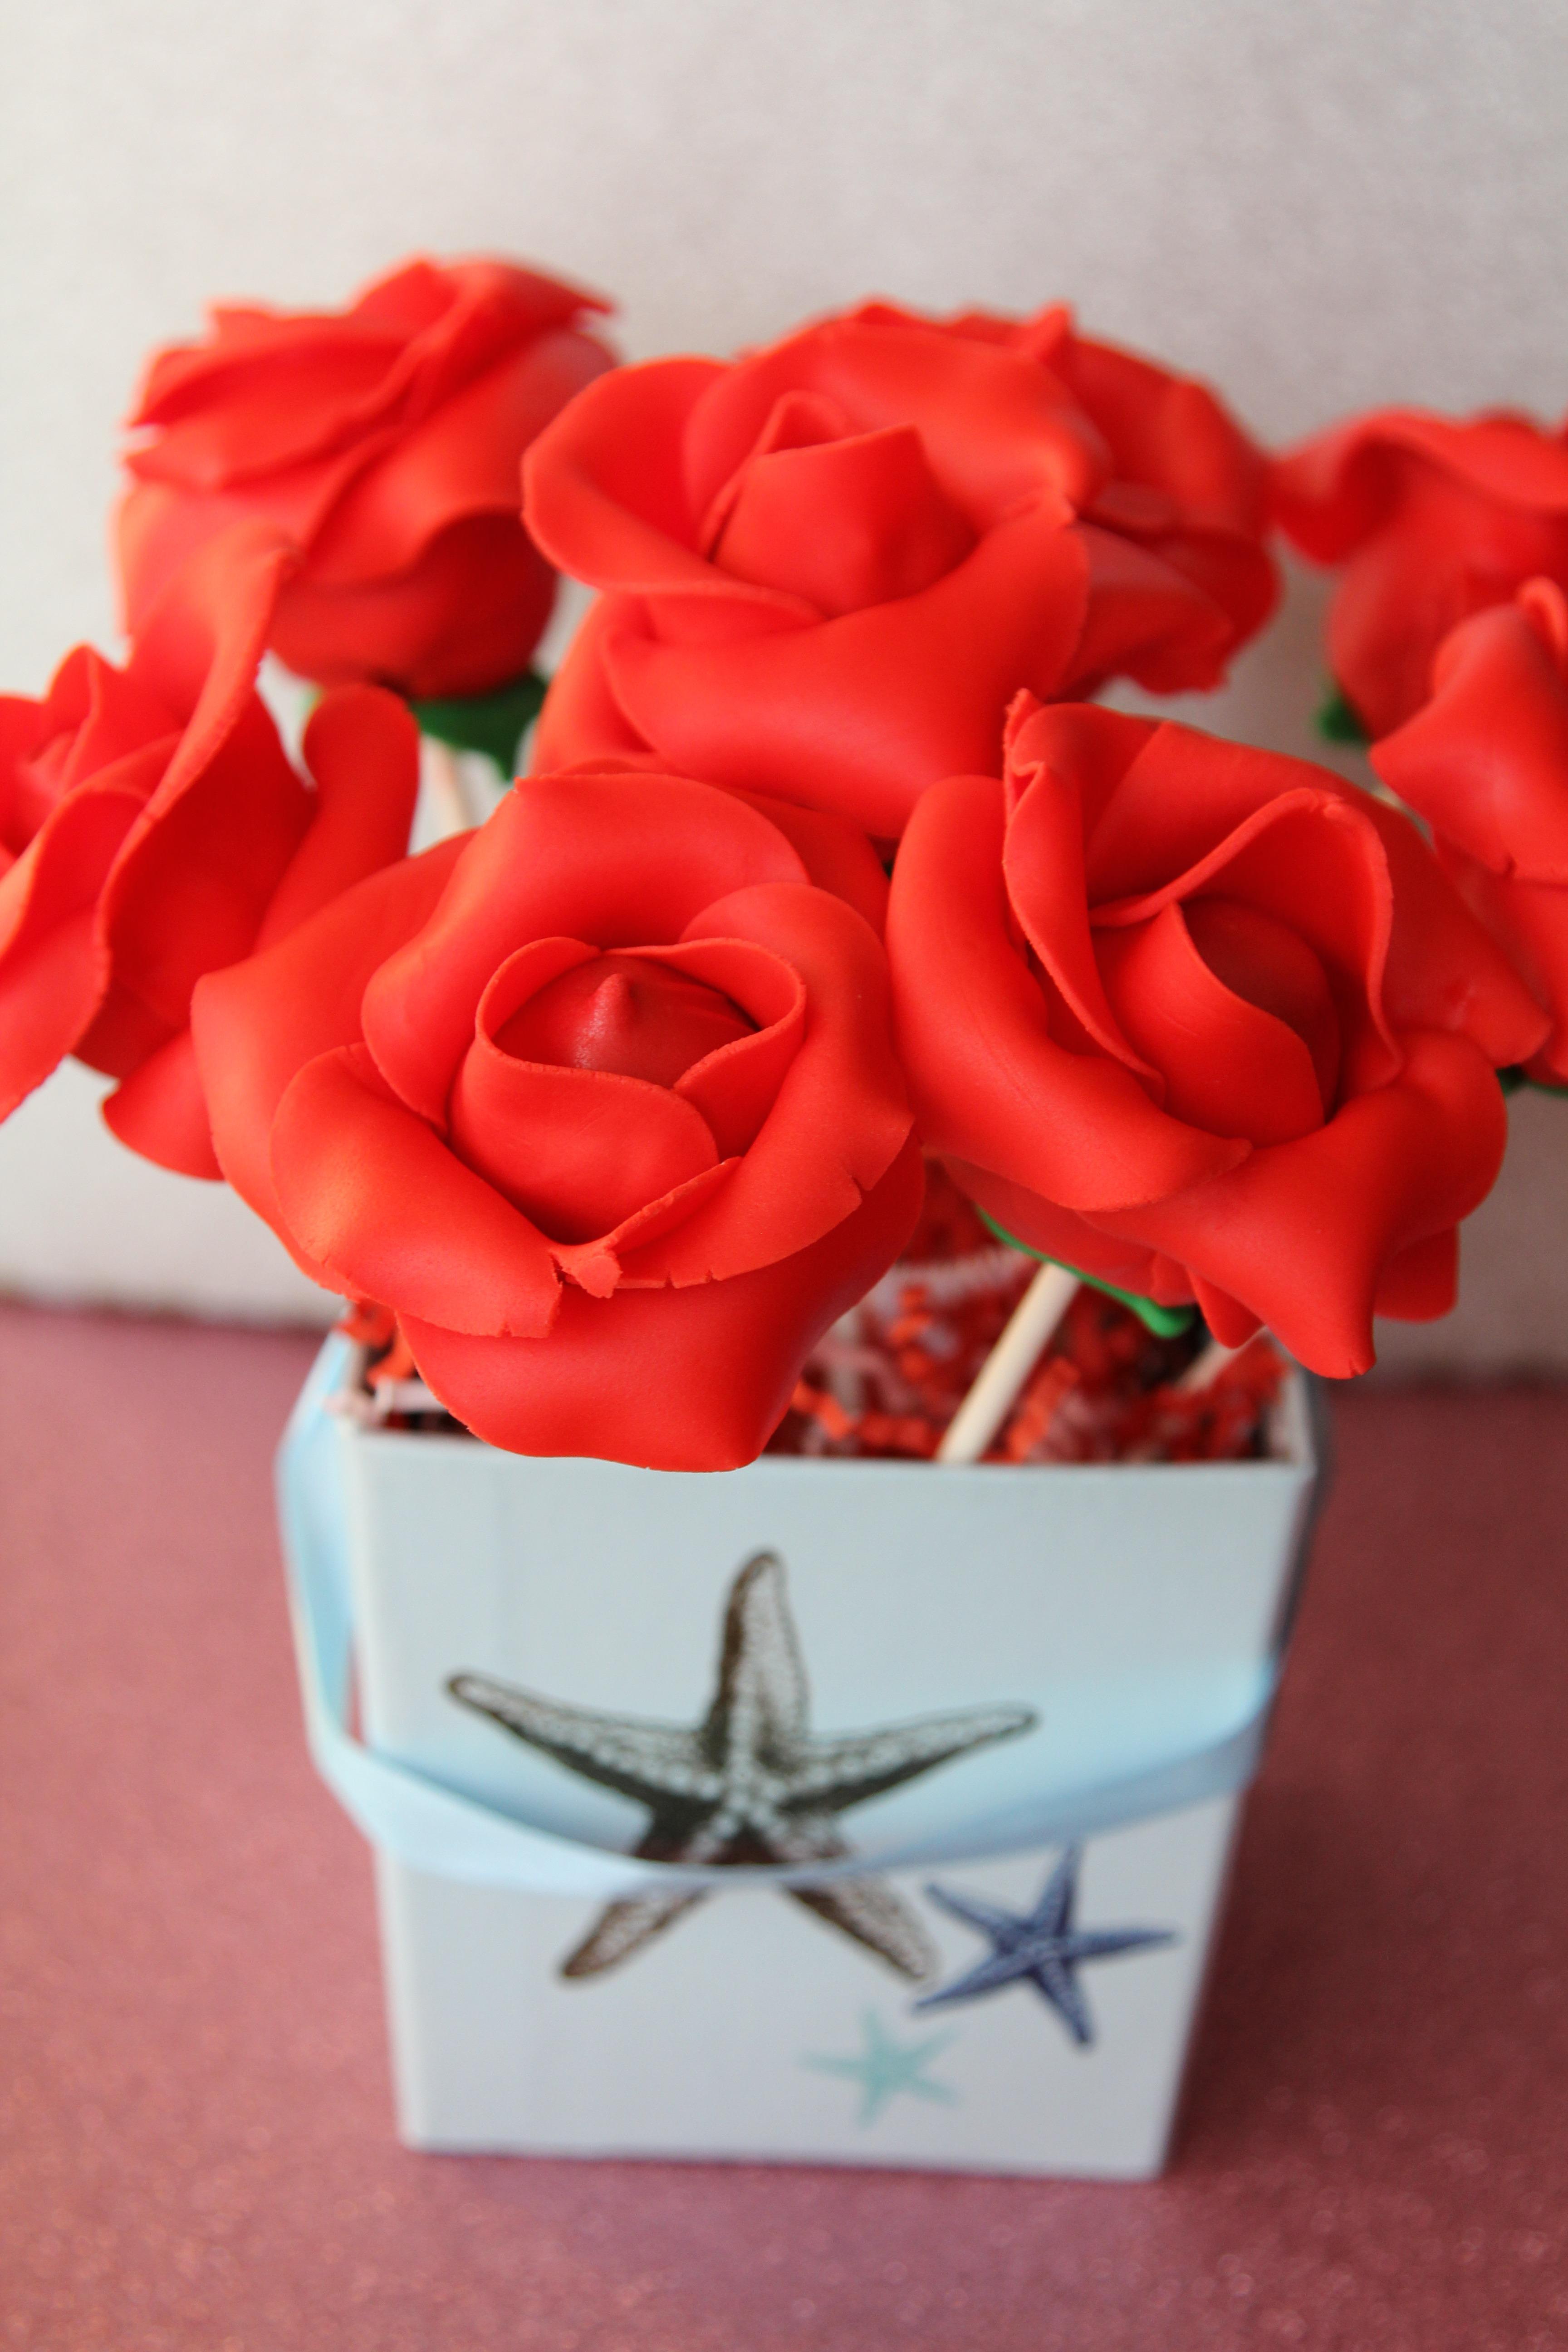 Images Gratuites Fleur Petale Fete Amour Cadeau Rouge Rose